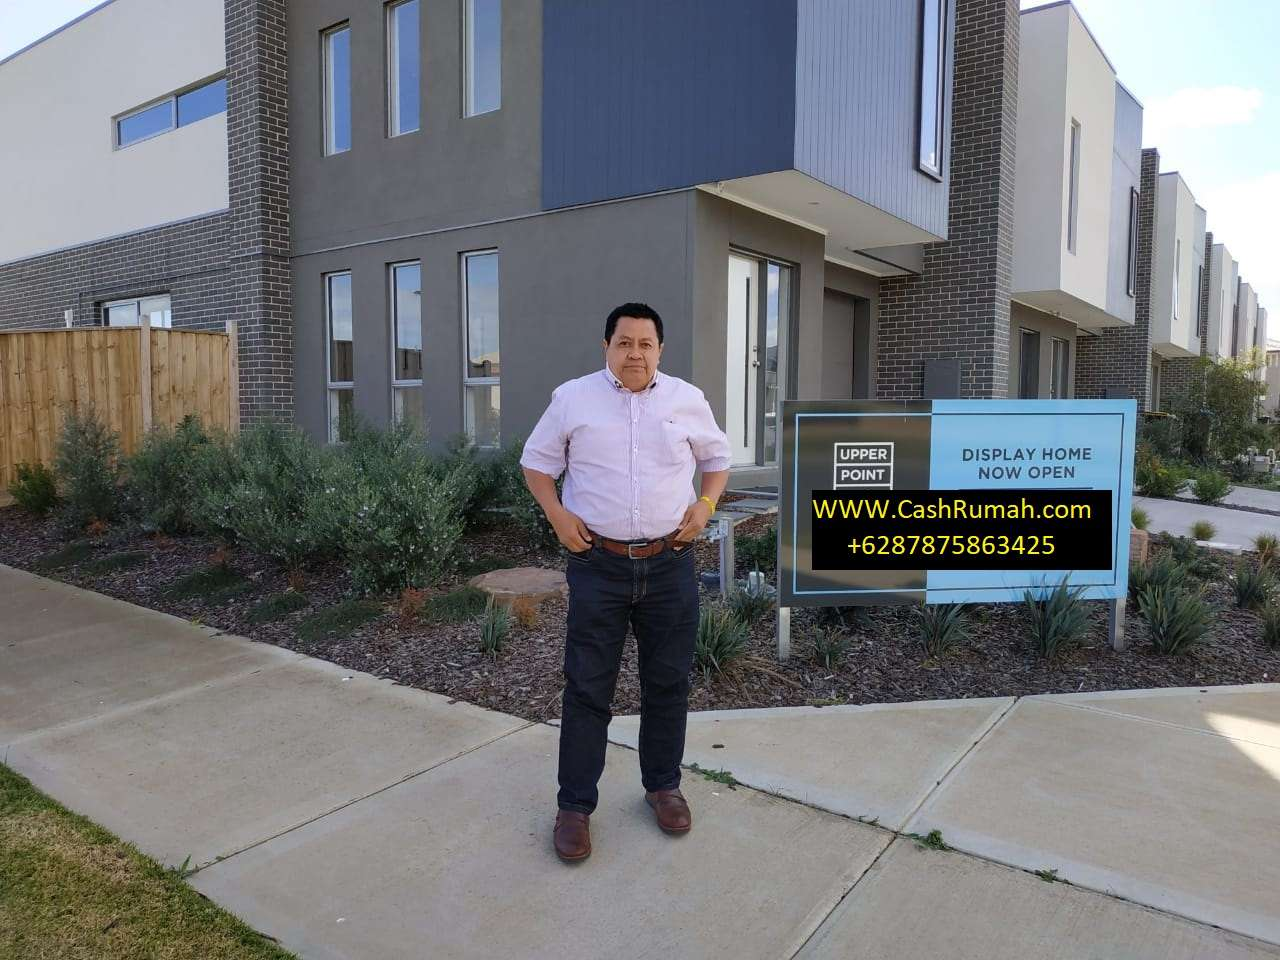 Jual Rumah Baru Melbourne Australia CashRumah 087875863425